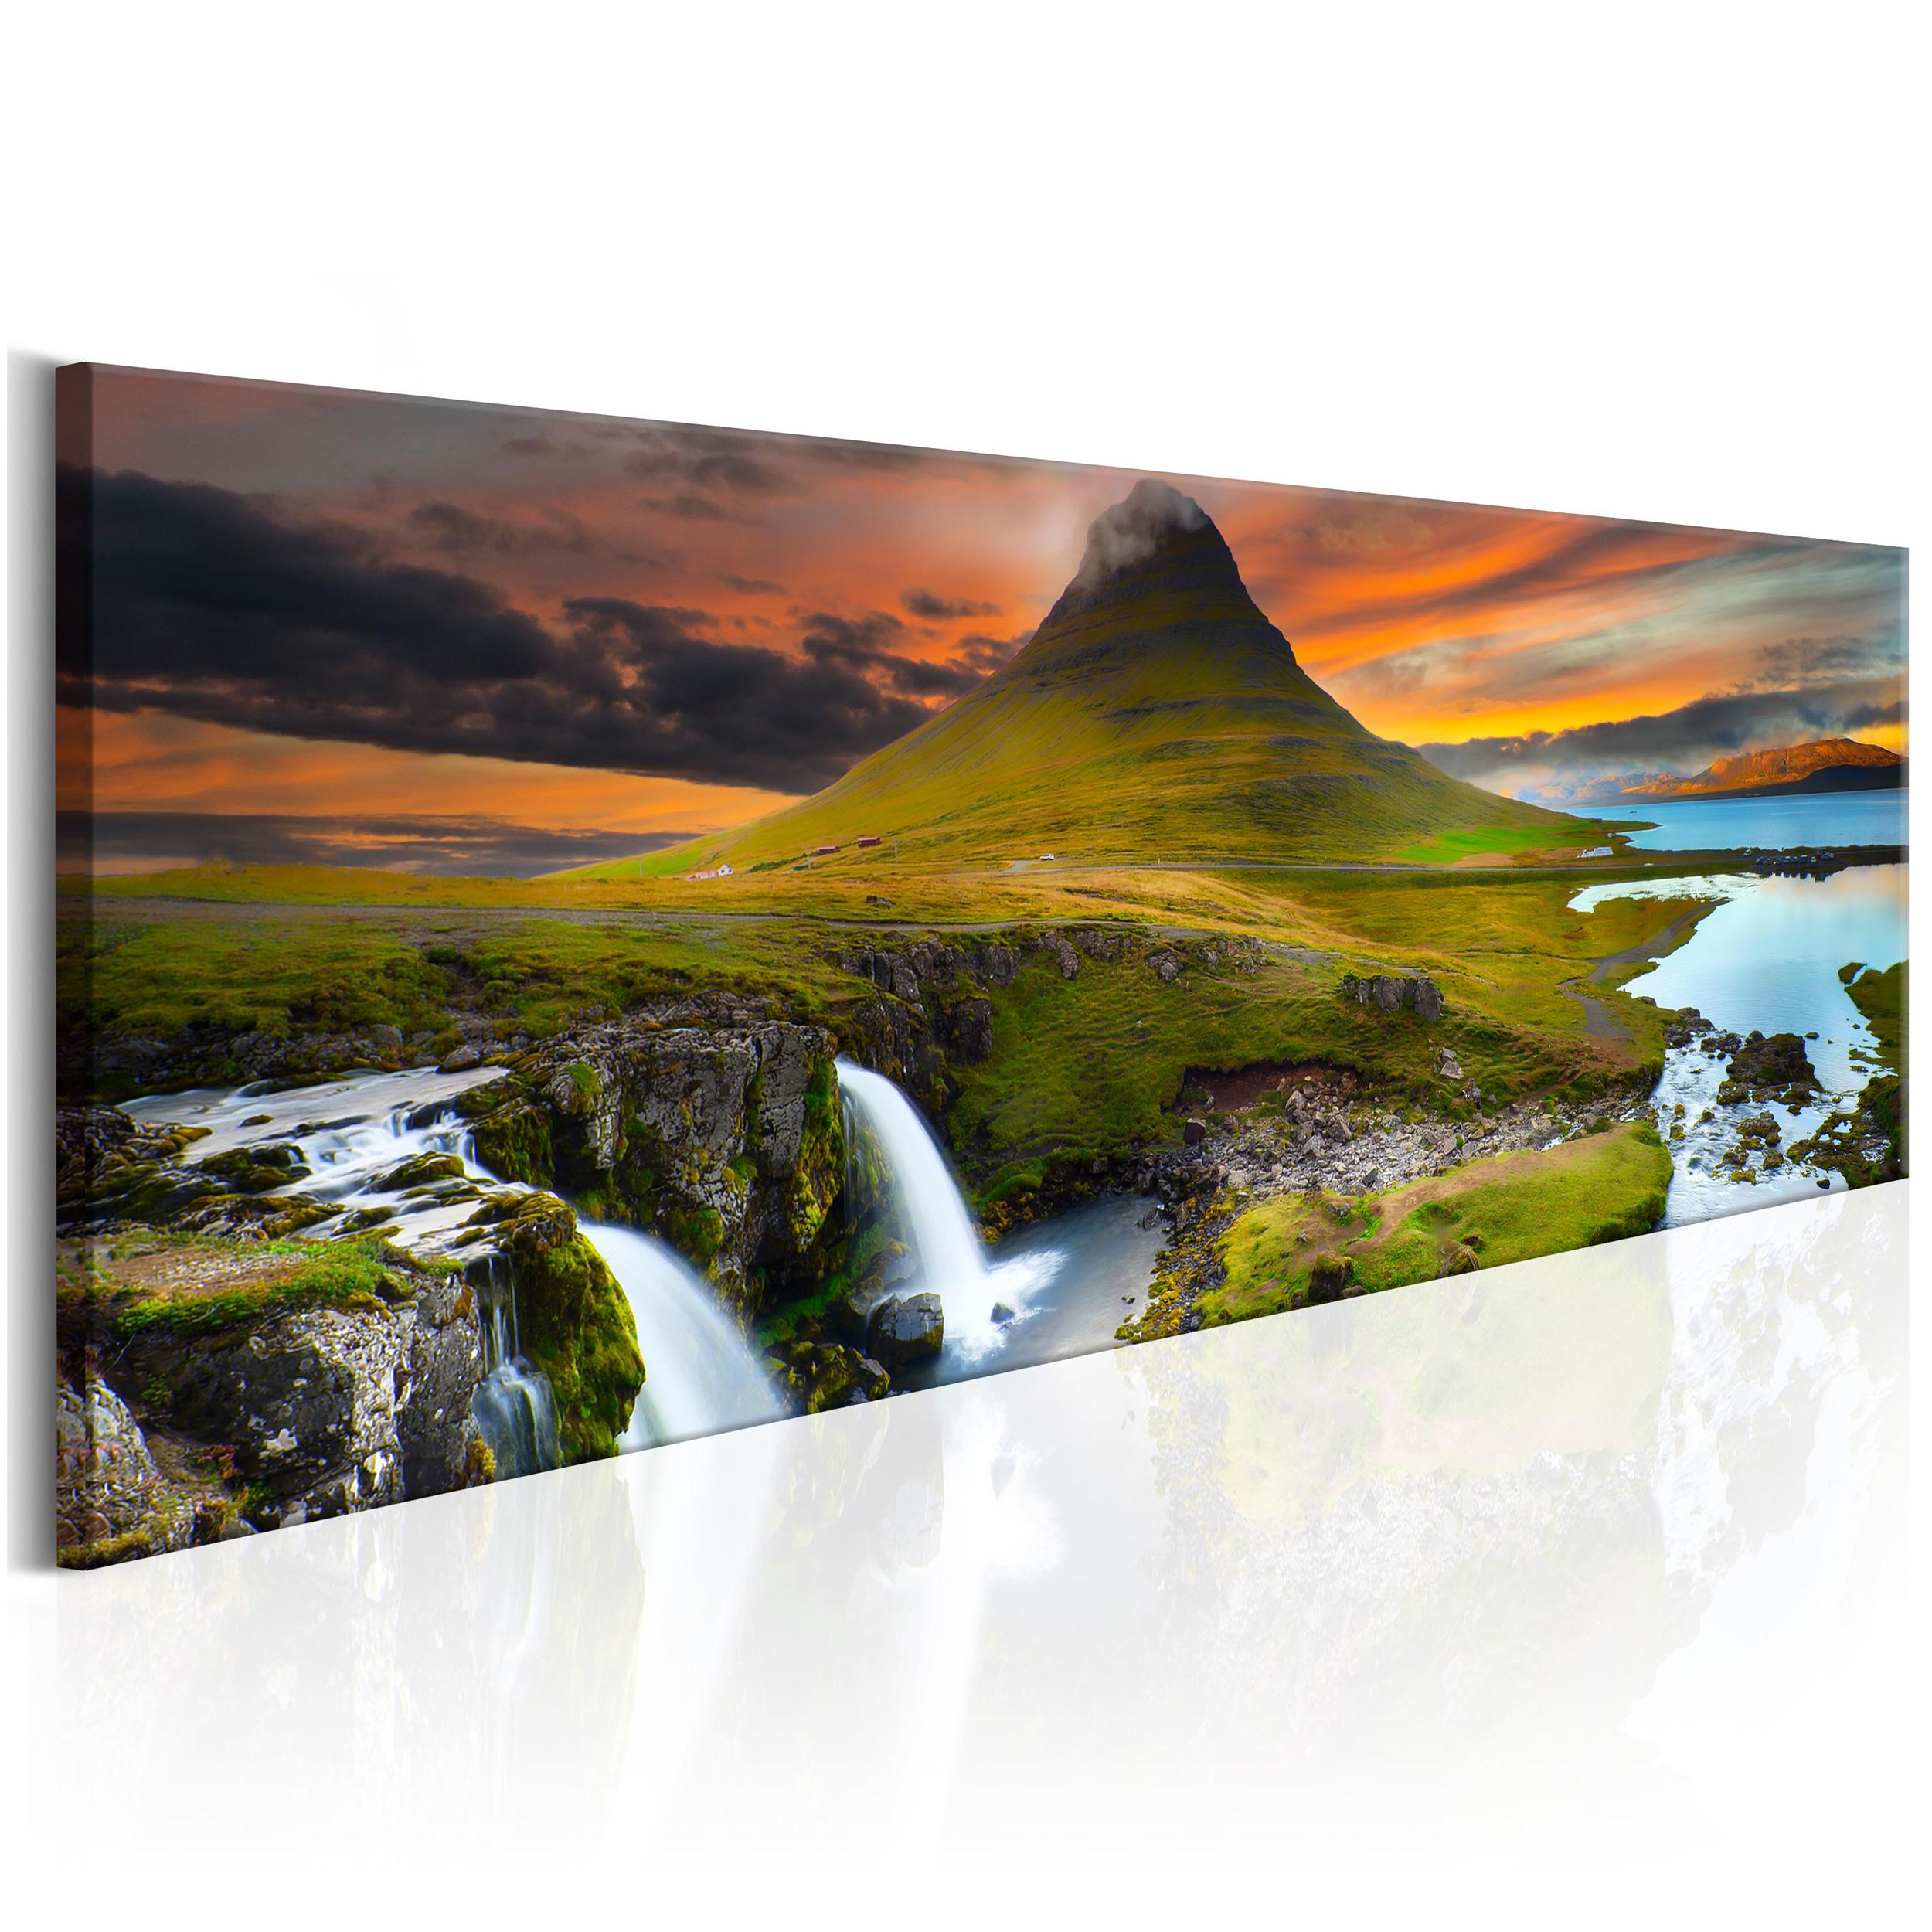 bilder leinwand bild meer landschaft ausblick strand natur wasserfall wandbilder ebay. Black Bedroom Furniture Sets. Home Design Ideas